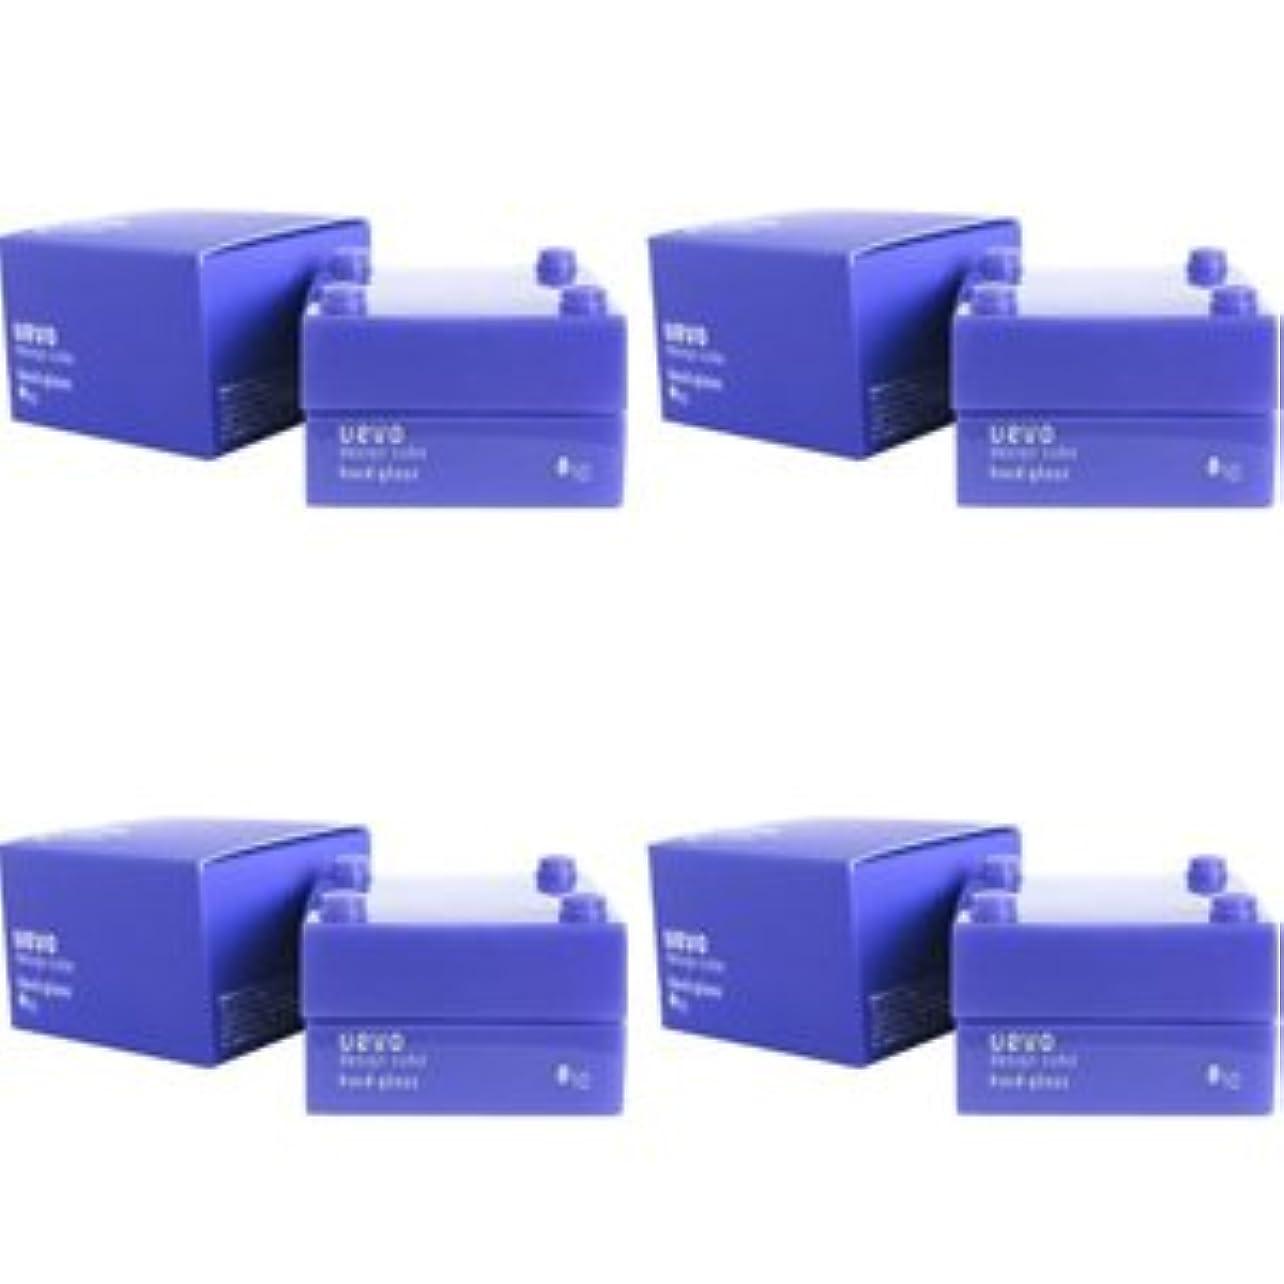 ストライク痛いキロメートル【X4個セット】 デミ ウェーボ デザインキューブ ハードグロス 30g hard gloss DEMI uevo design cube